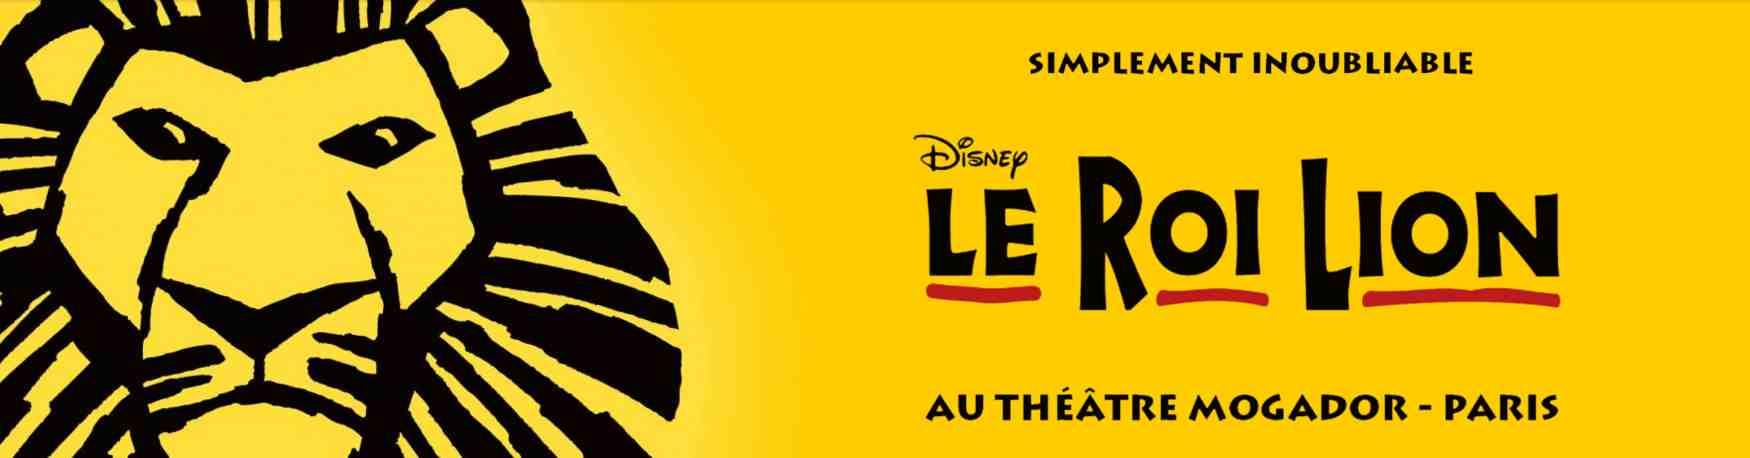 Le Roi Lion de Disney revient en majesté au théâtre Mogador (Paris) en septembre 2021